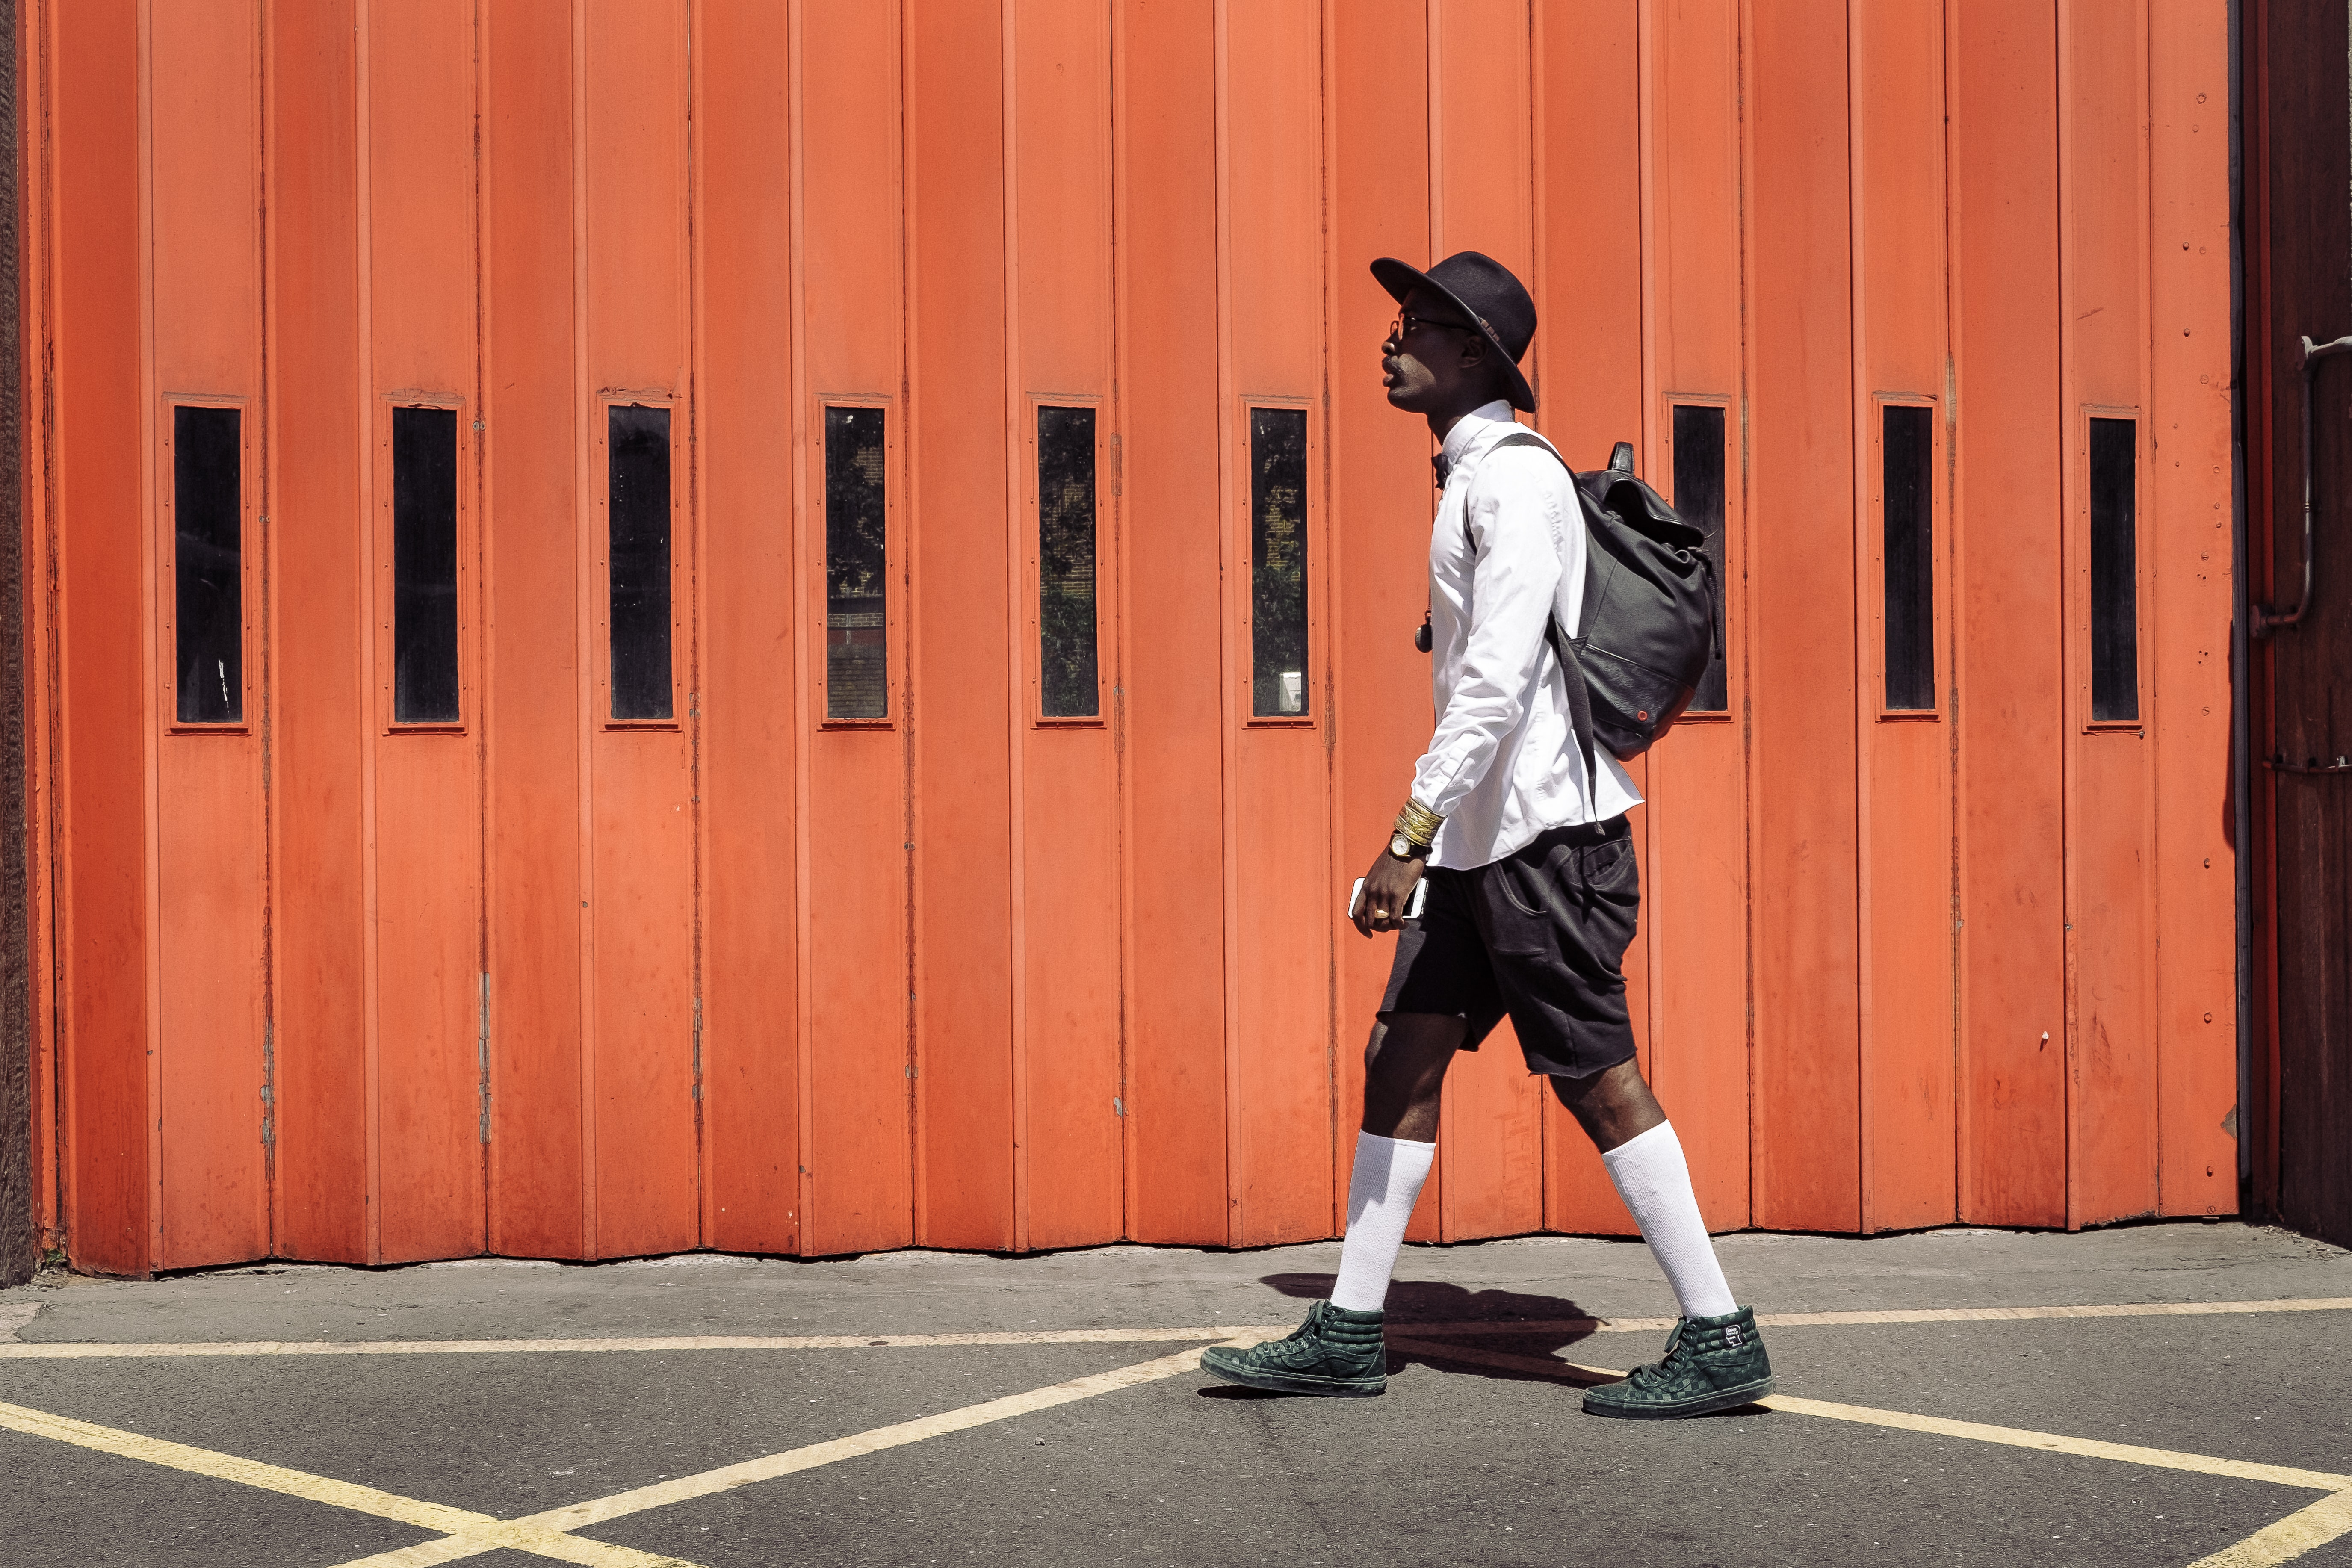 man wearing black hat and white dress shirt walking on street near orange gate